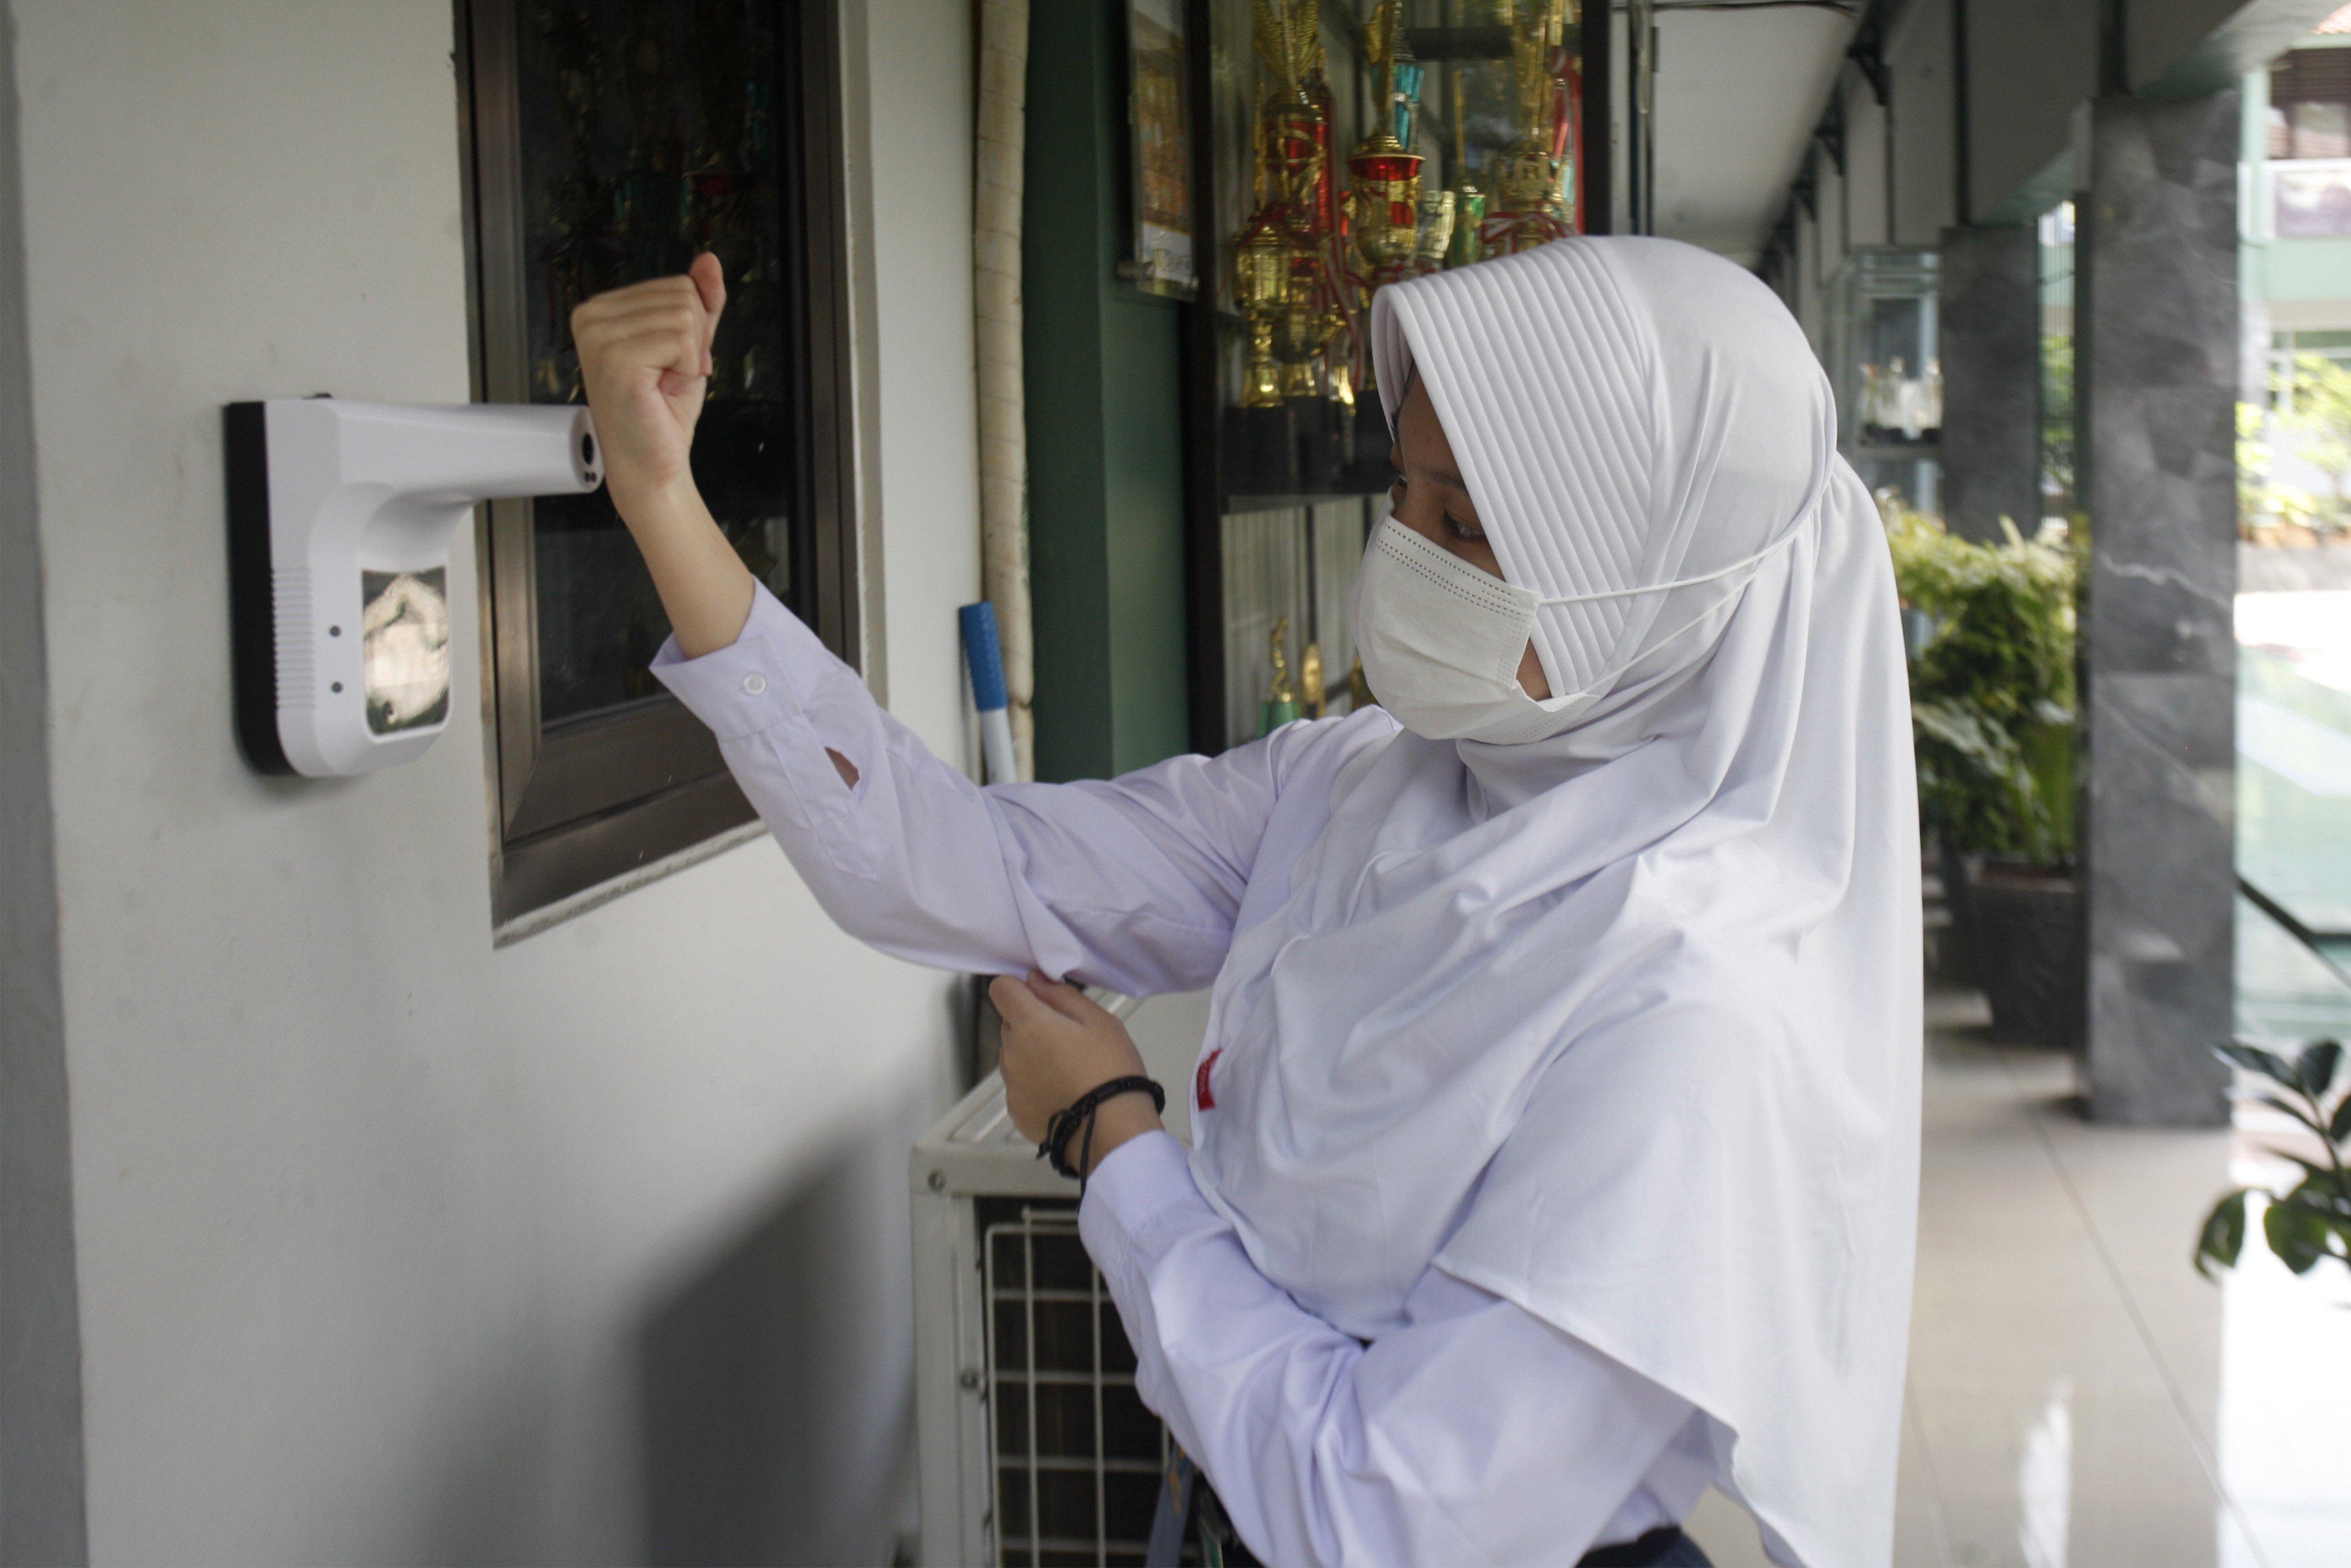 Siswa mengecek suhu tubuh sebelum masuk kelas saat kegiatan uji coba belajar mengajar tatap muka dengan menerapkan protokol kesehatan di SMAN 2 Cibinong, Kabupaten Bogor, Jawa Barat, Senin (15/3/2021). ?Sebanyak 170 sekolah di Kabupaten Bogor, Jawa Barat, mulai menggelar uji coba pembelajaran secara tatap muka mulai hari ini hingga 10 April 2021, dari jumlah 232 sekolah yang diusulkan hasil verifikasi dan validasi yang lolos berjumlah 170 sekolah.